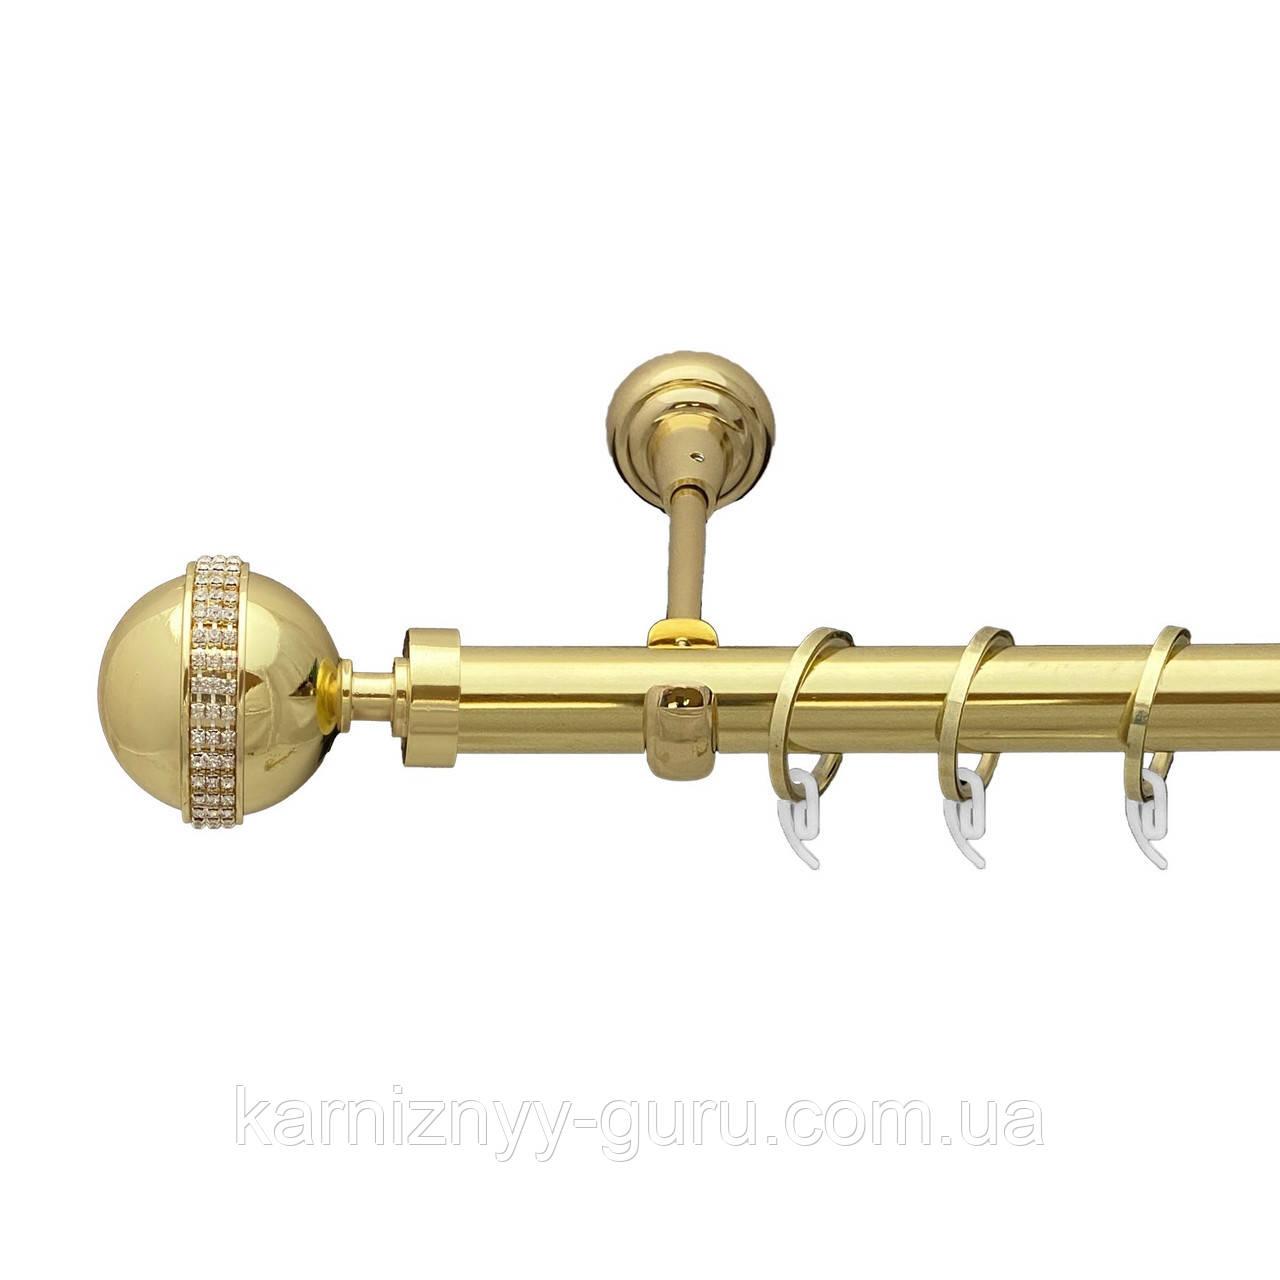 Карниз для штор ø 19 мм, одинарный, наконечник Авея